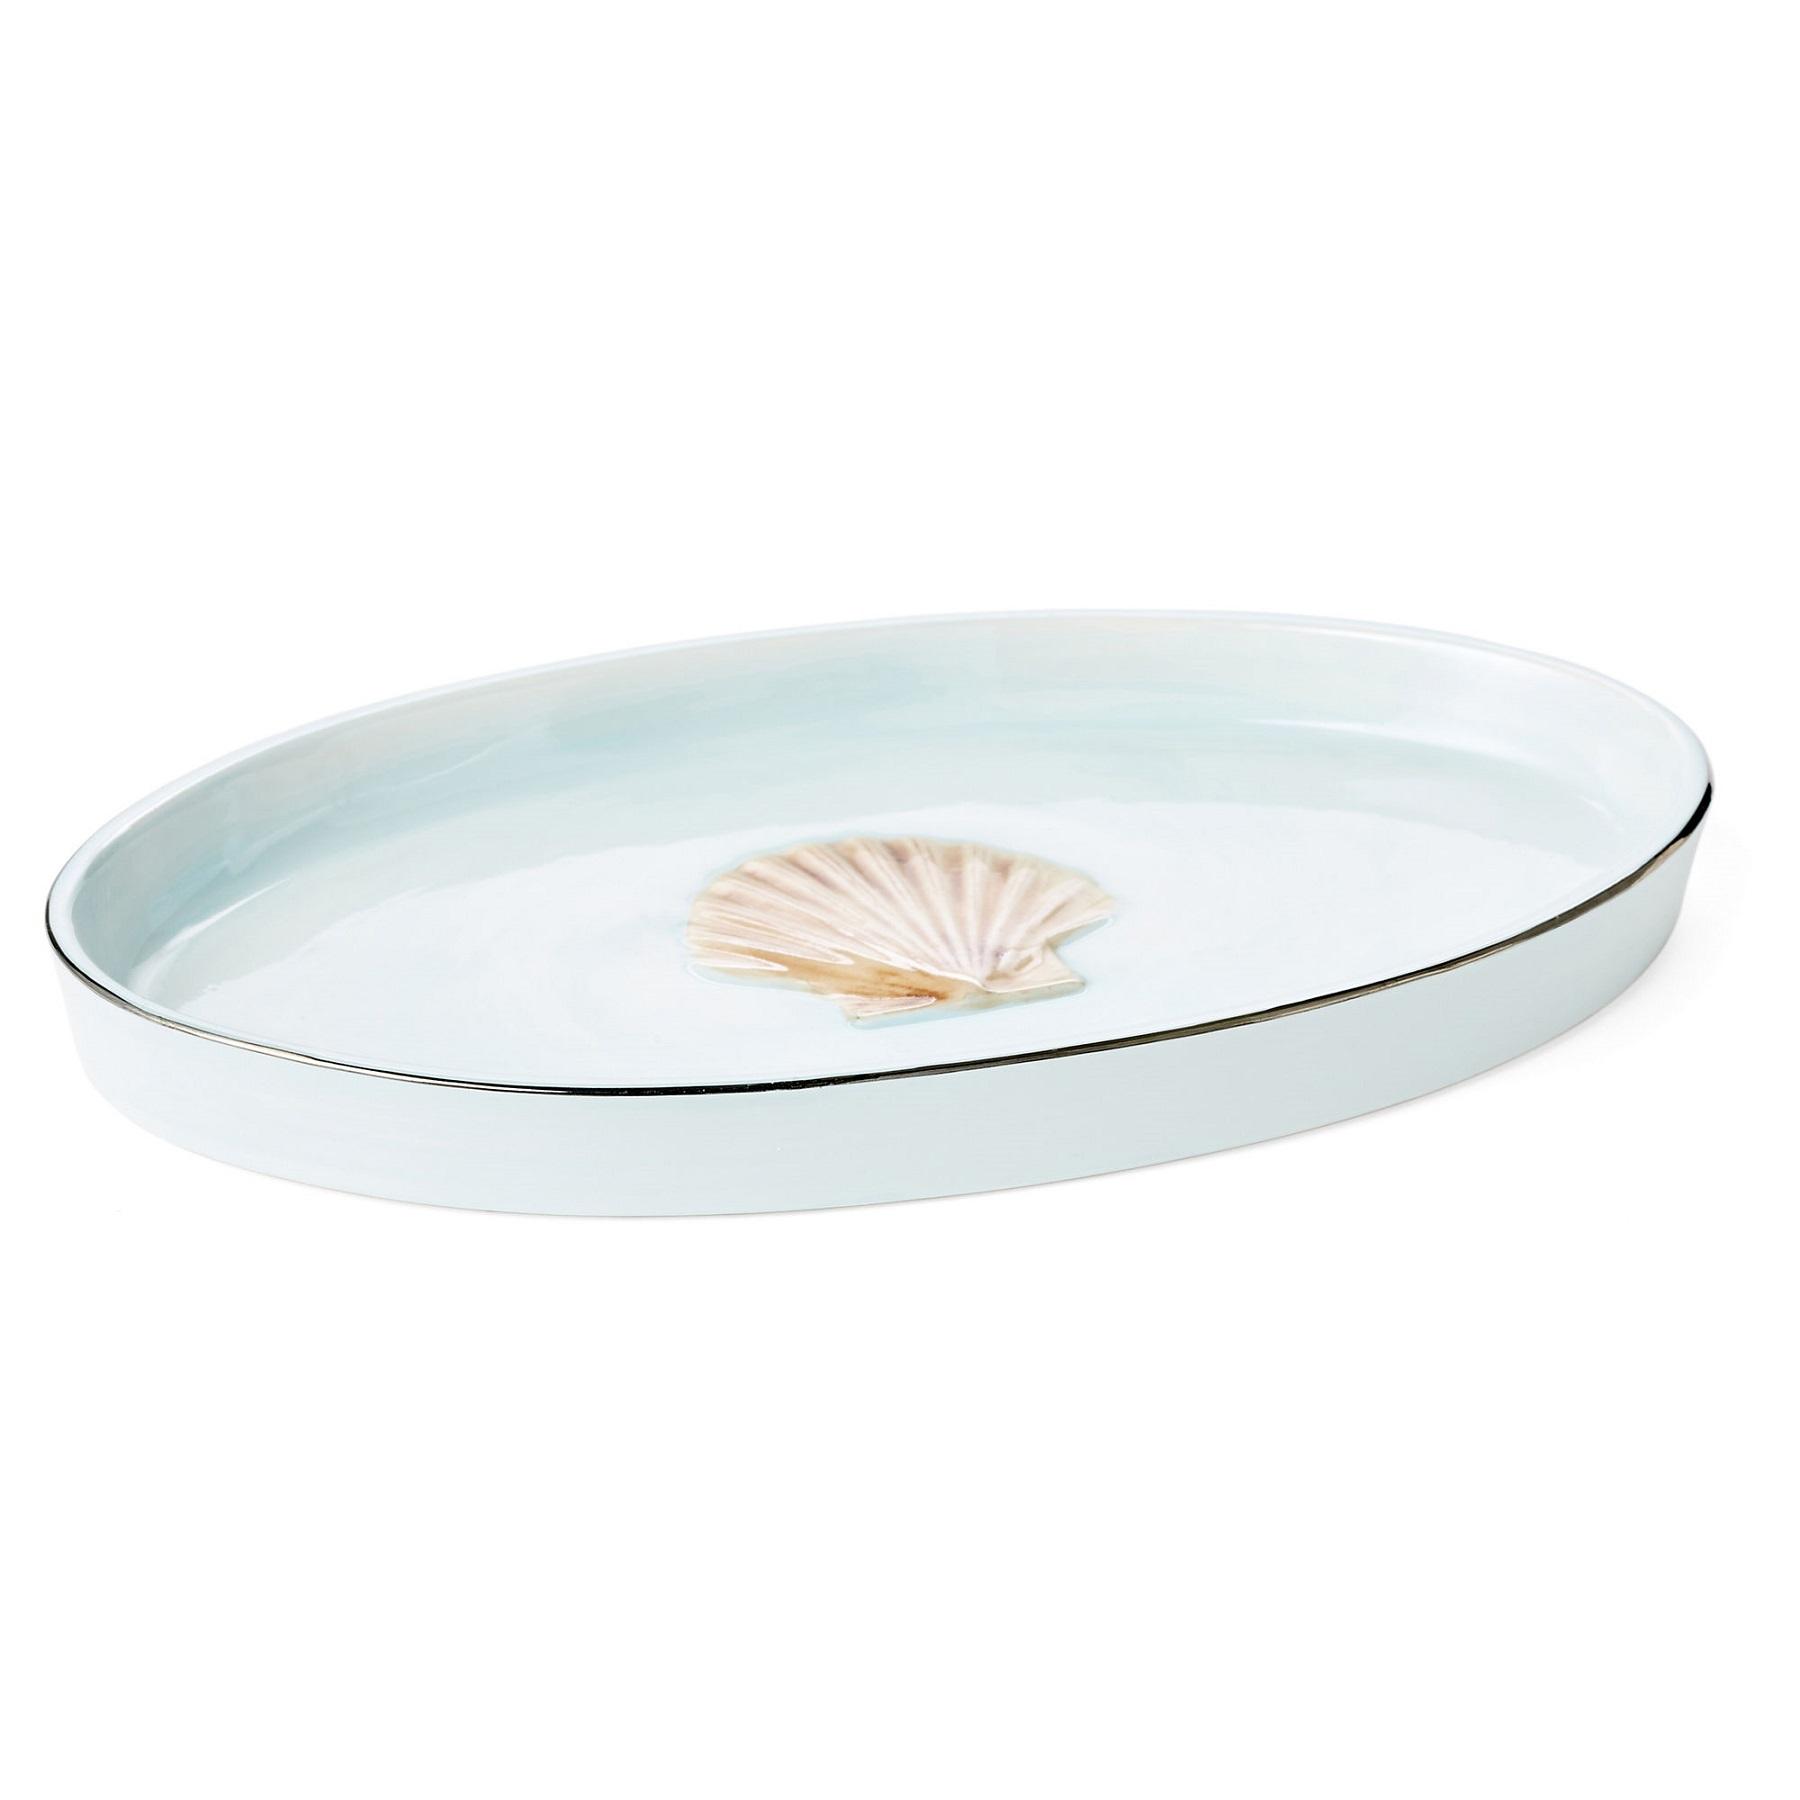 Подставка для предметов Mare Shells Seafoam от Kassatex